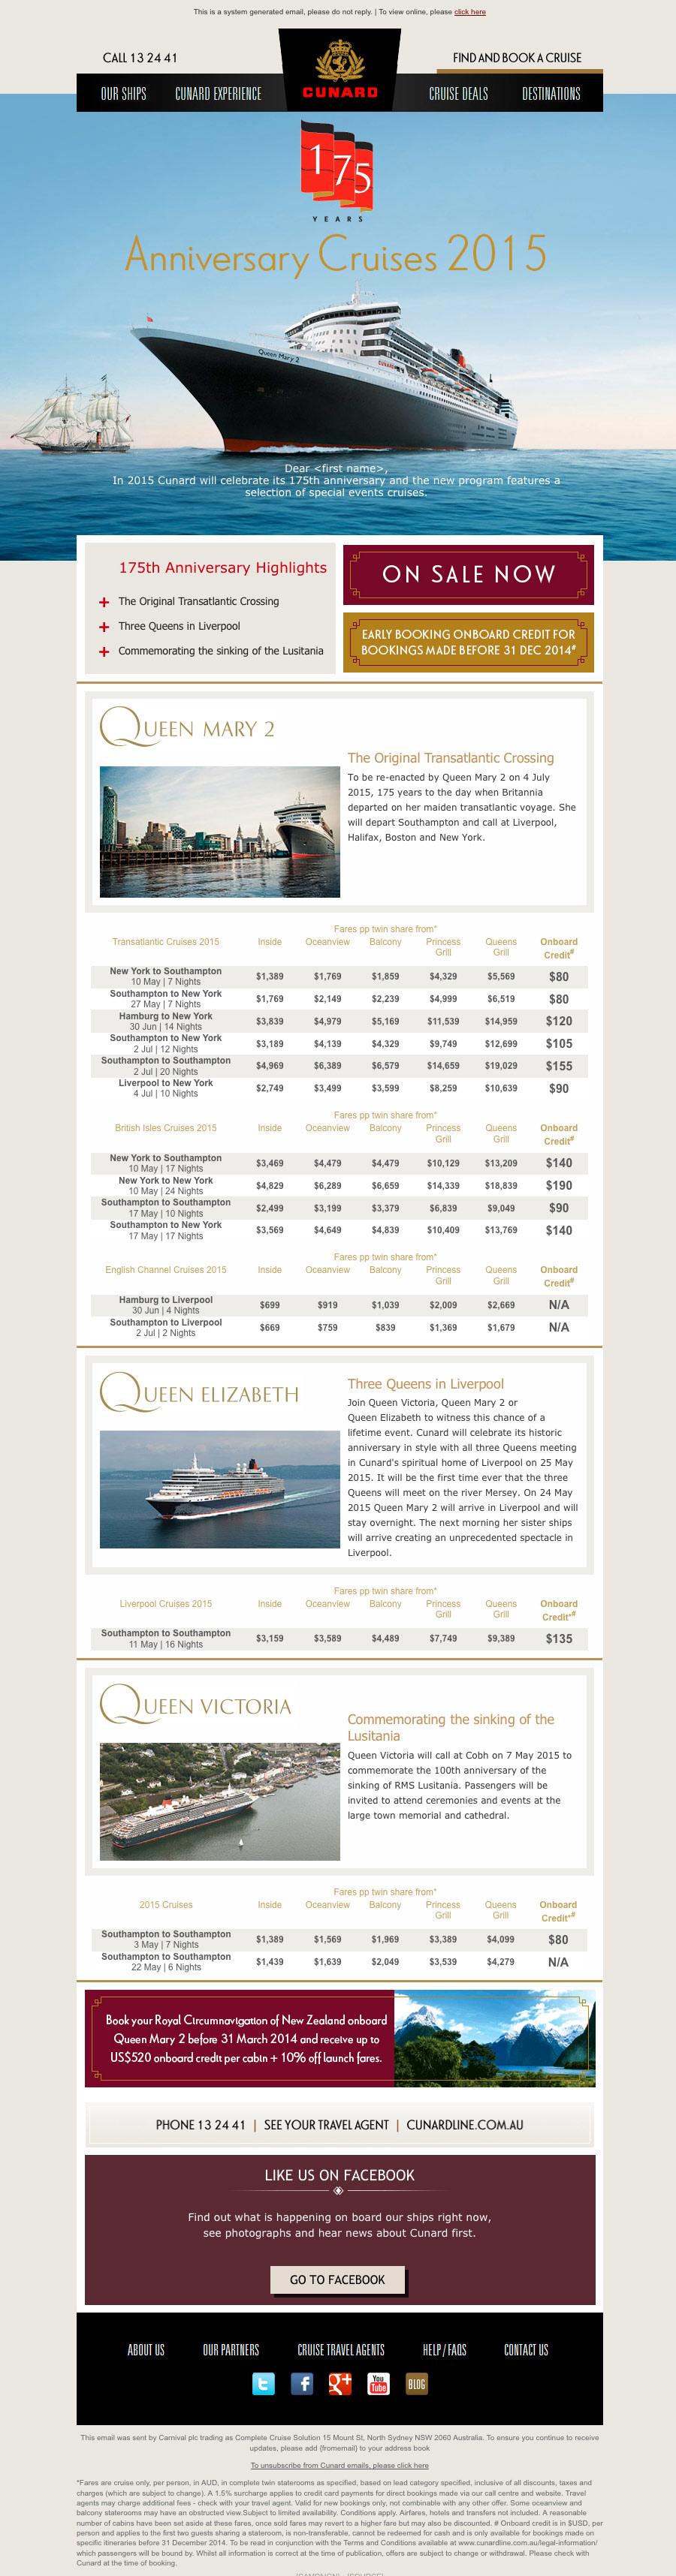 Cunard eDM